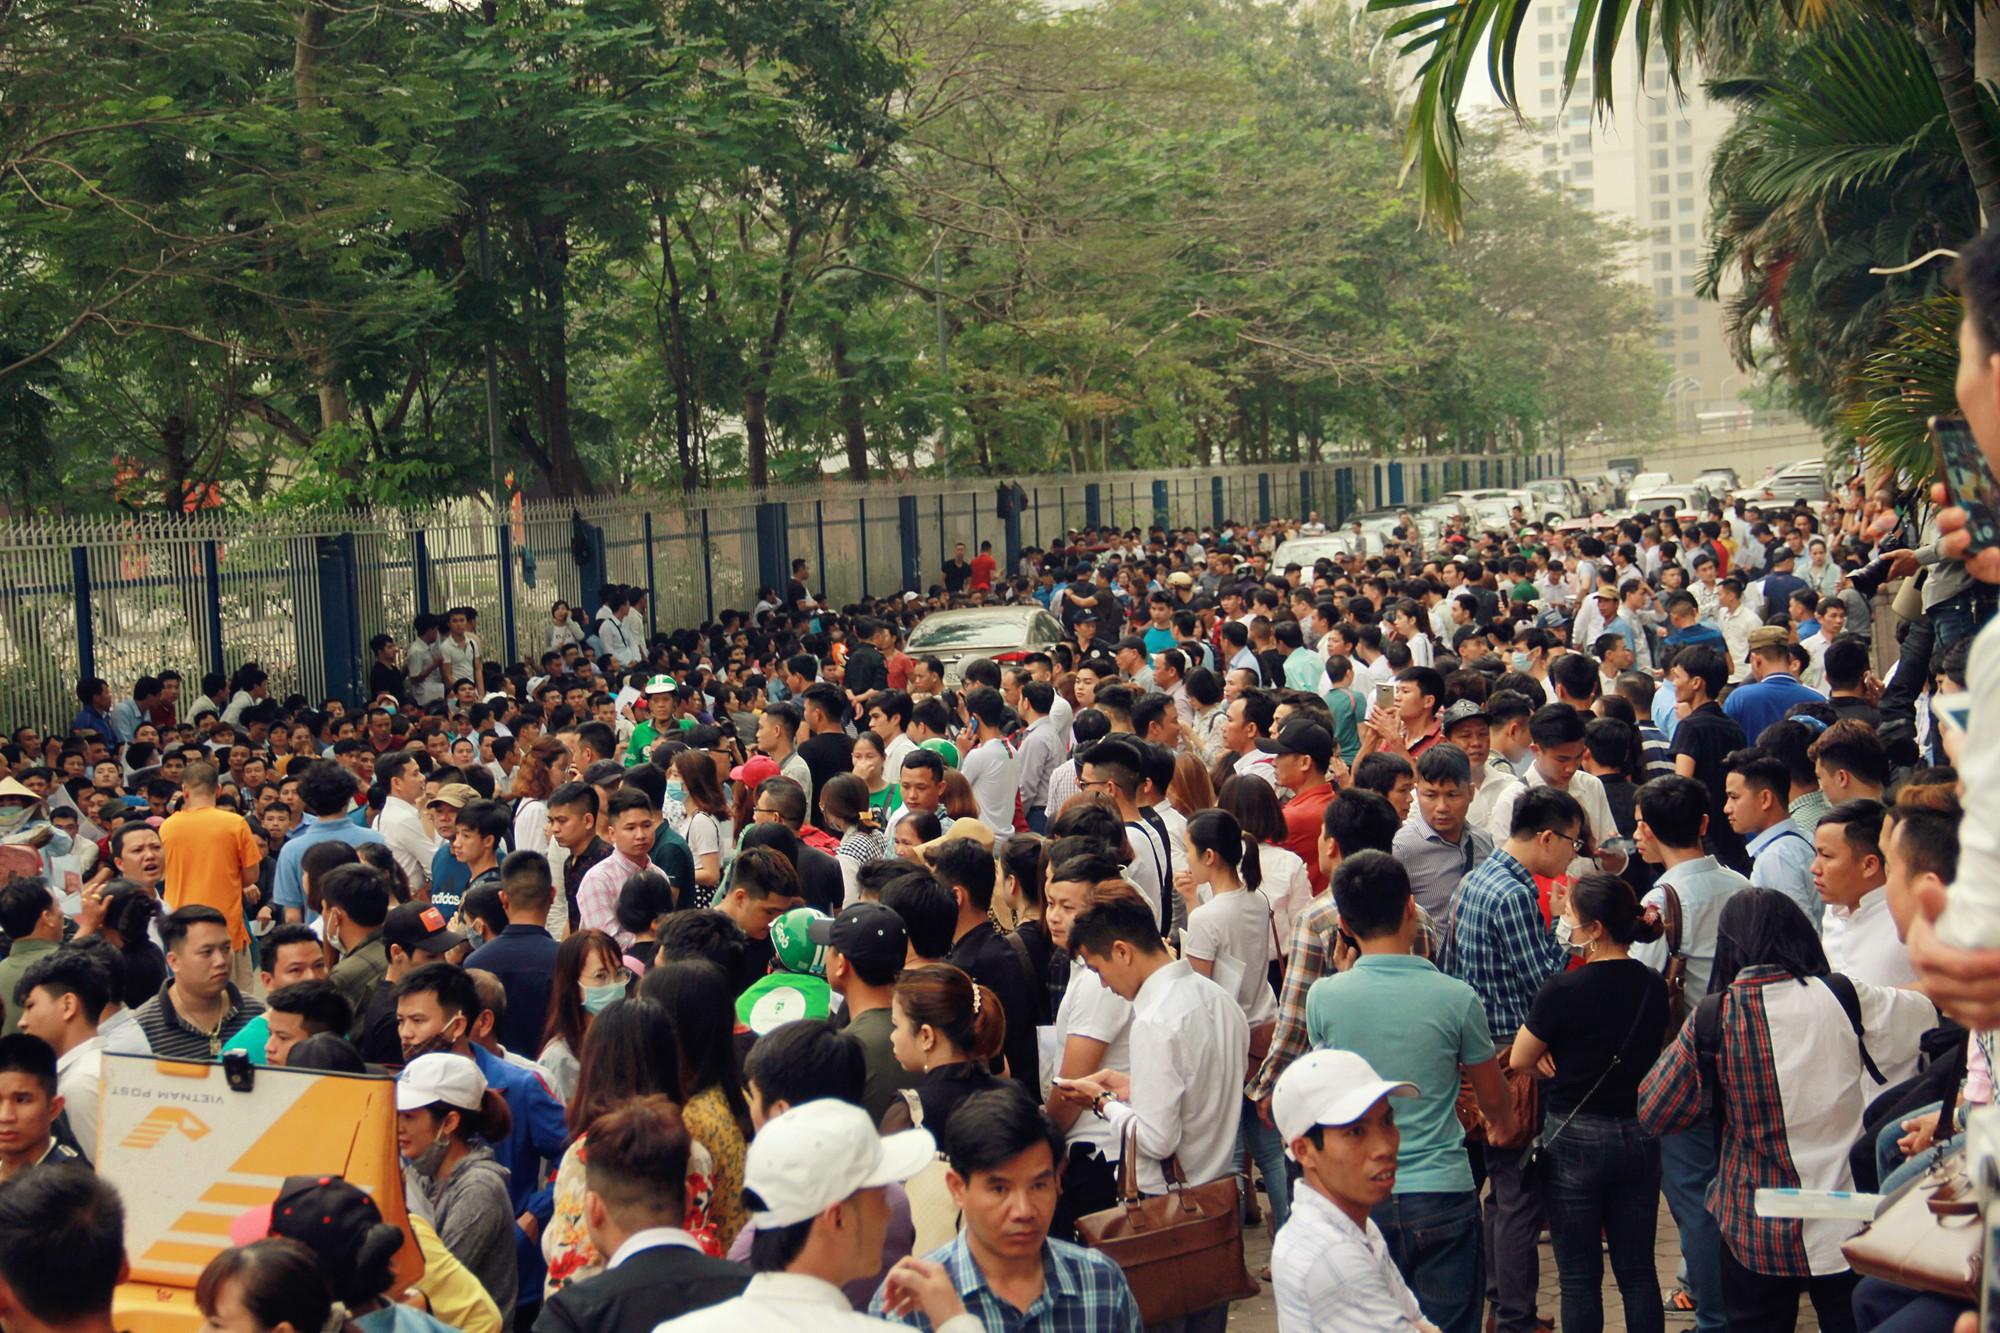 Cận cảnh hàng nghìn người xếp hàng trước Đại sứ quán Hàn Quốc chờ làm visa - Ảnh 1.